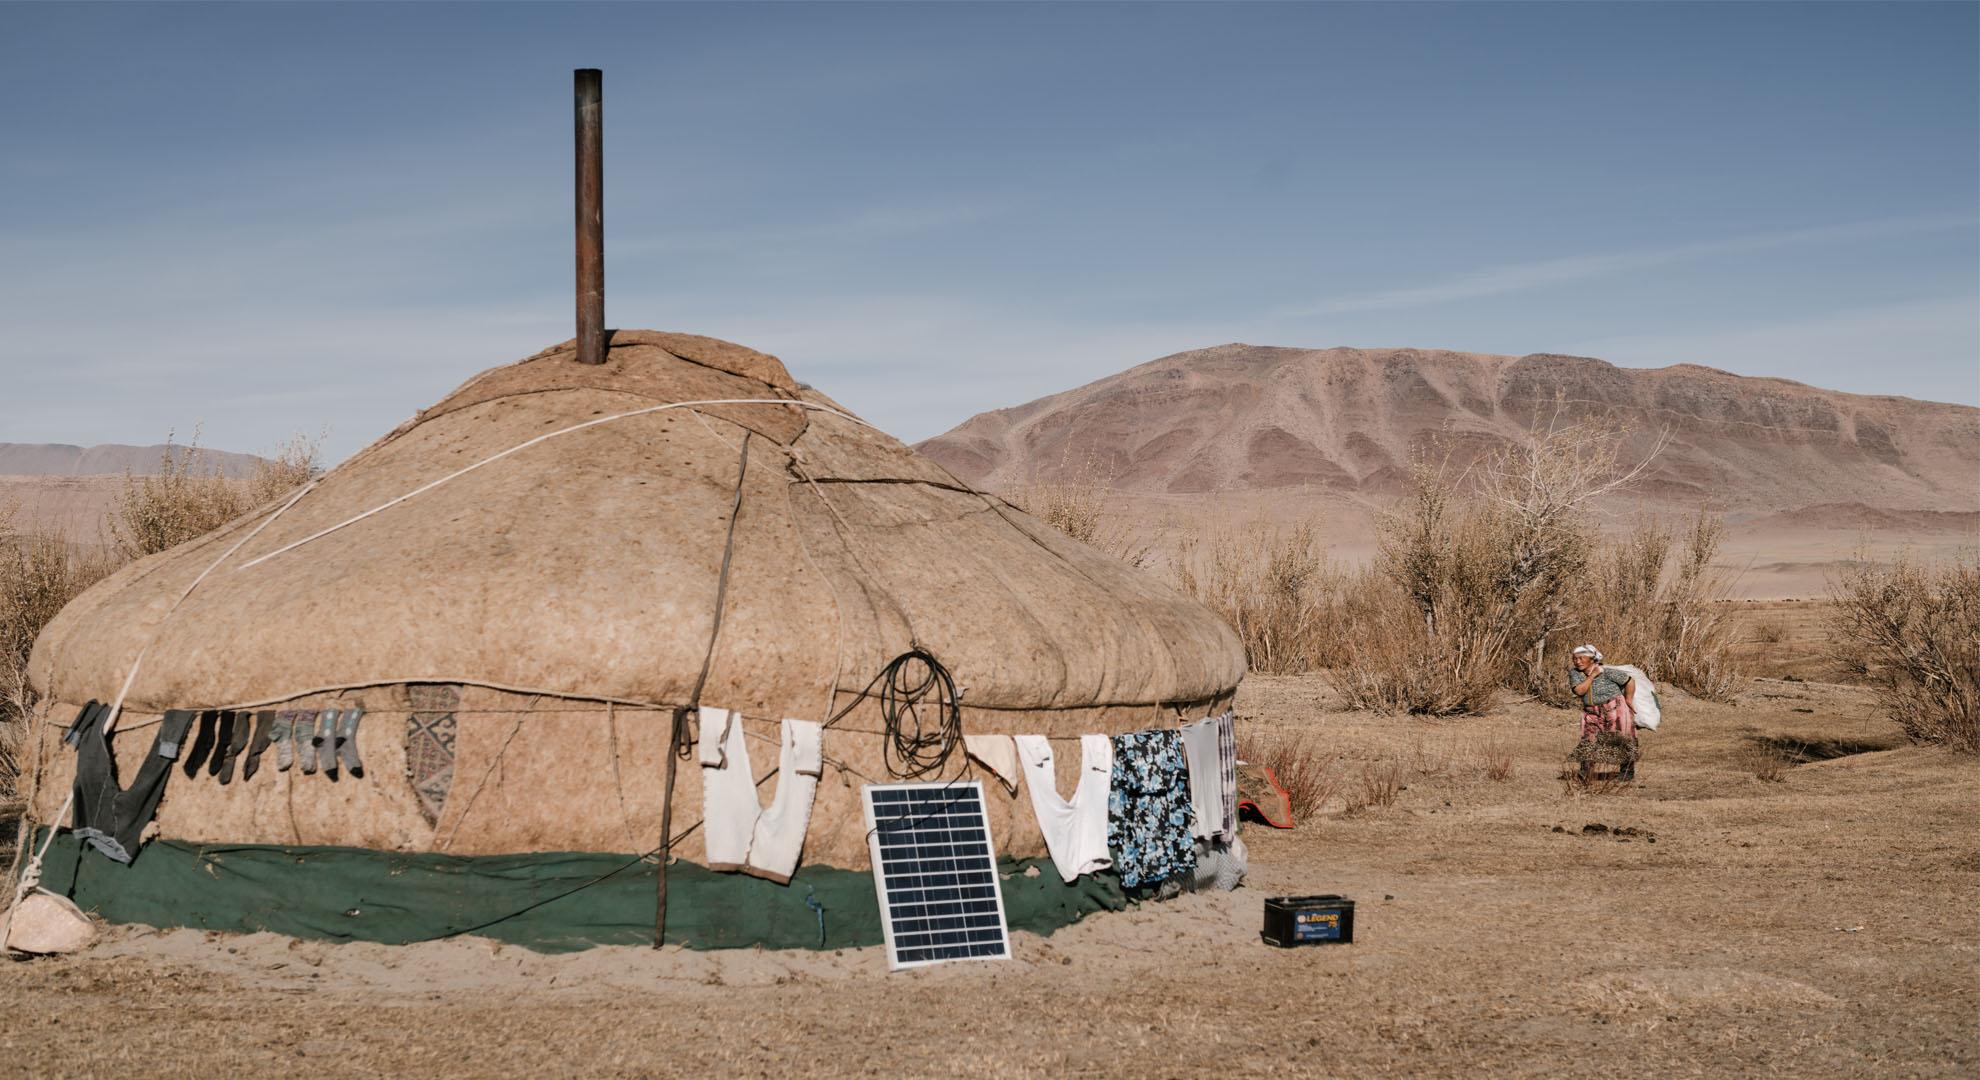 Una mujer entra en una yurta con un panel solar fotovoltaico. © Nick Bonderav/Pexels